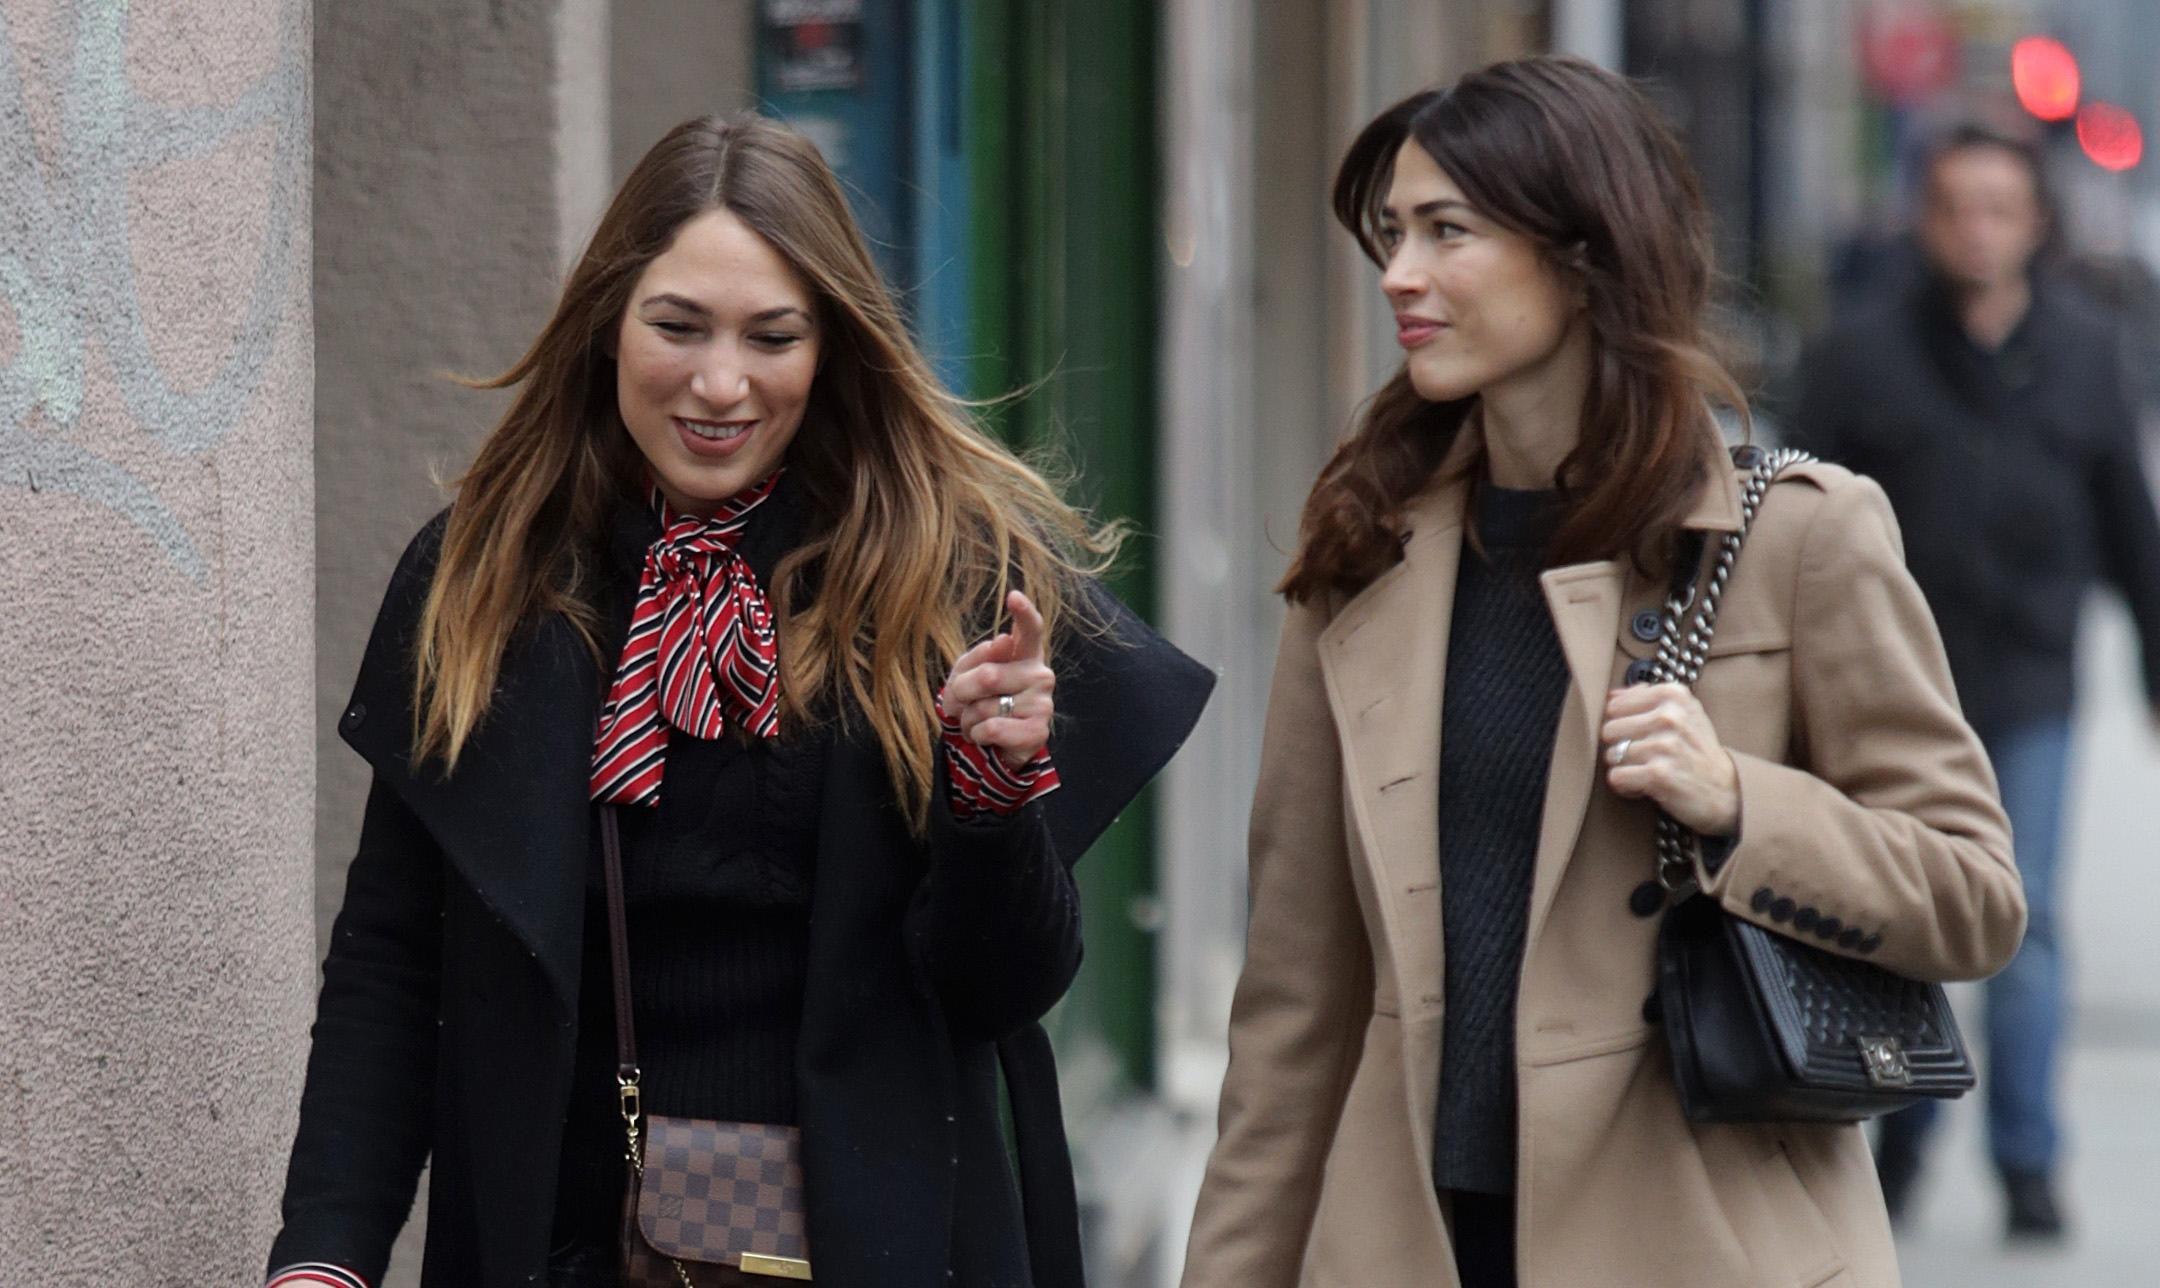 Ne znate što nositi ove zime? Inspirirajte se ovim prijateljicama, one znaju što je u modi!